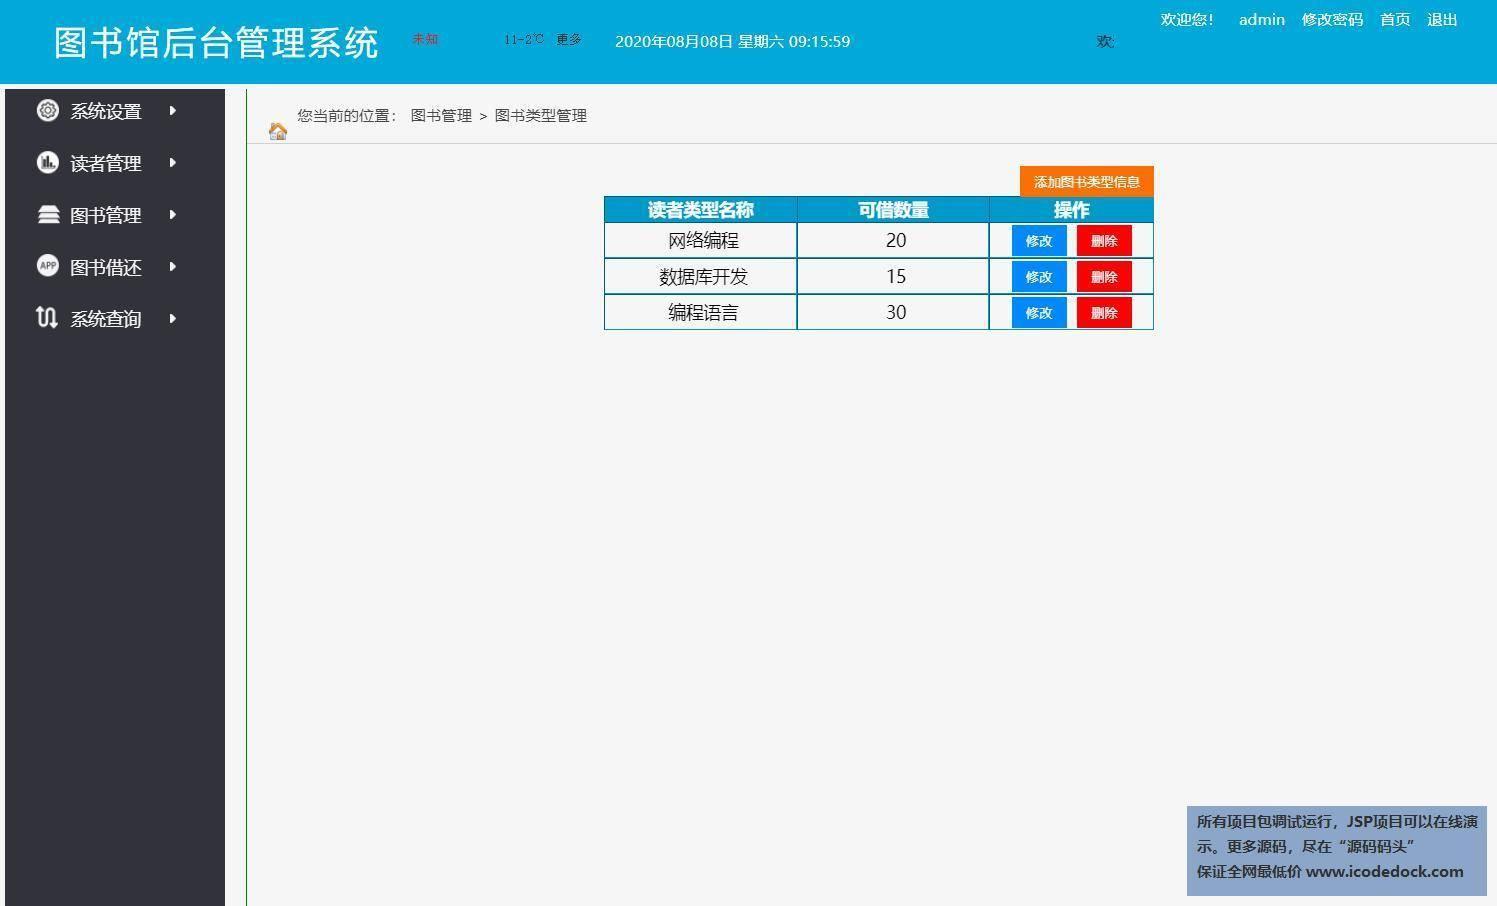 源码码头-JSP实现的图书管理系统-管理员角色-图书类型管理